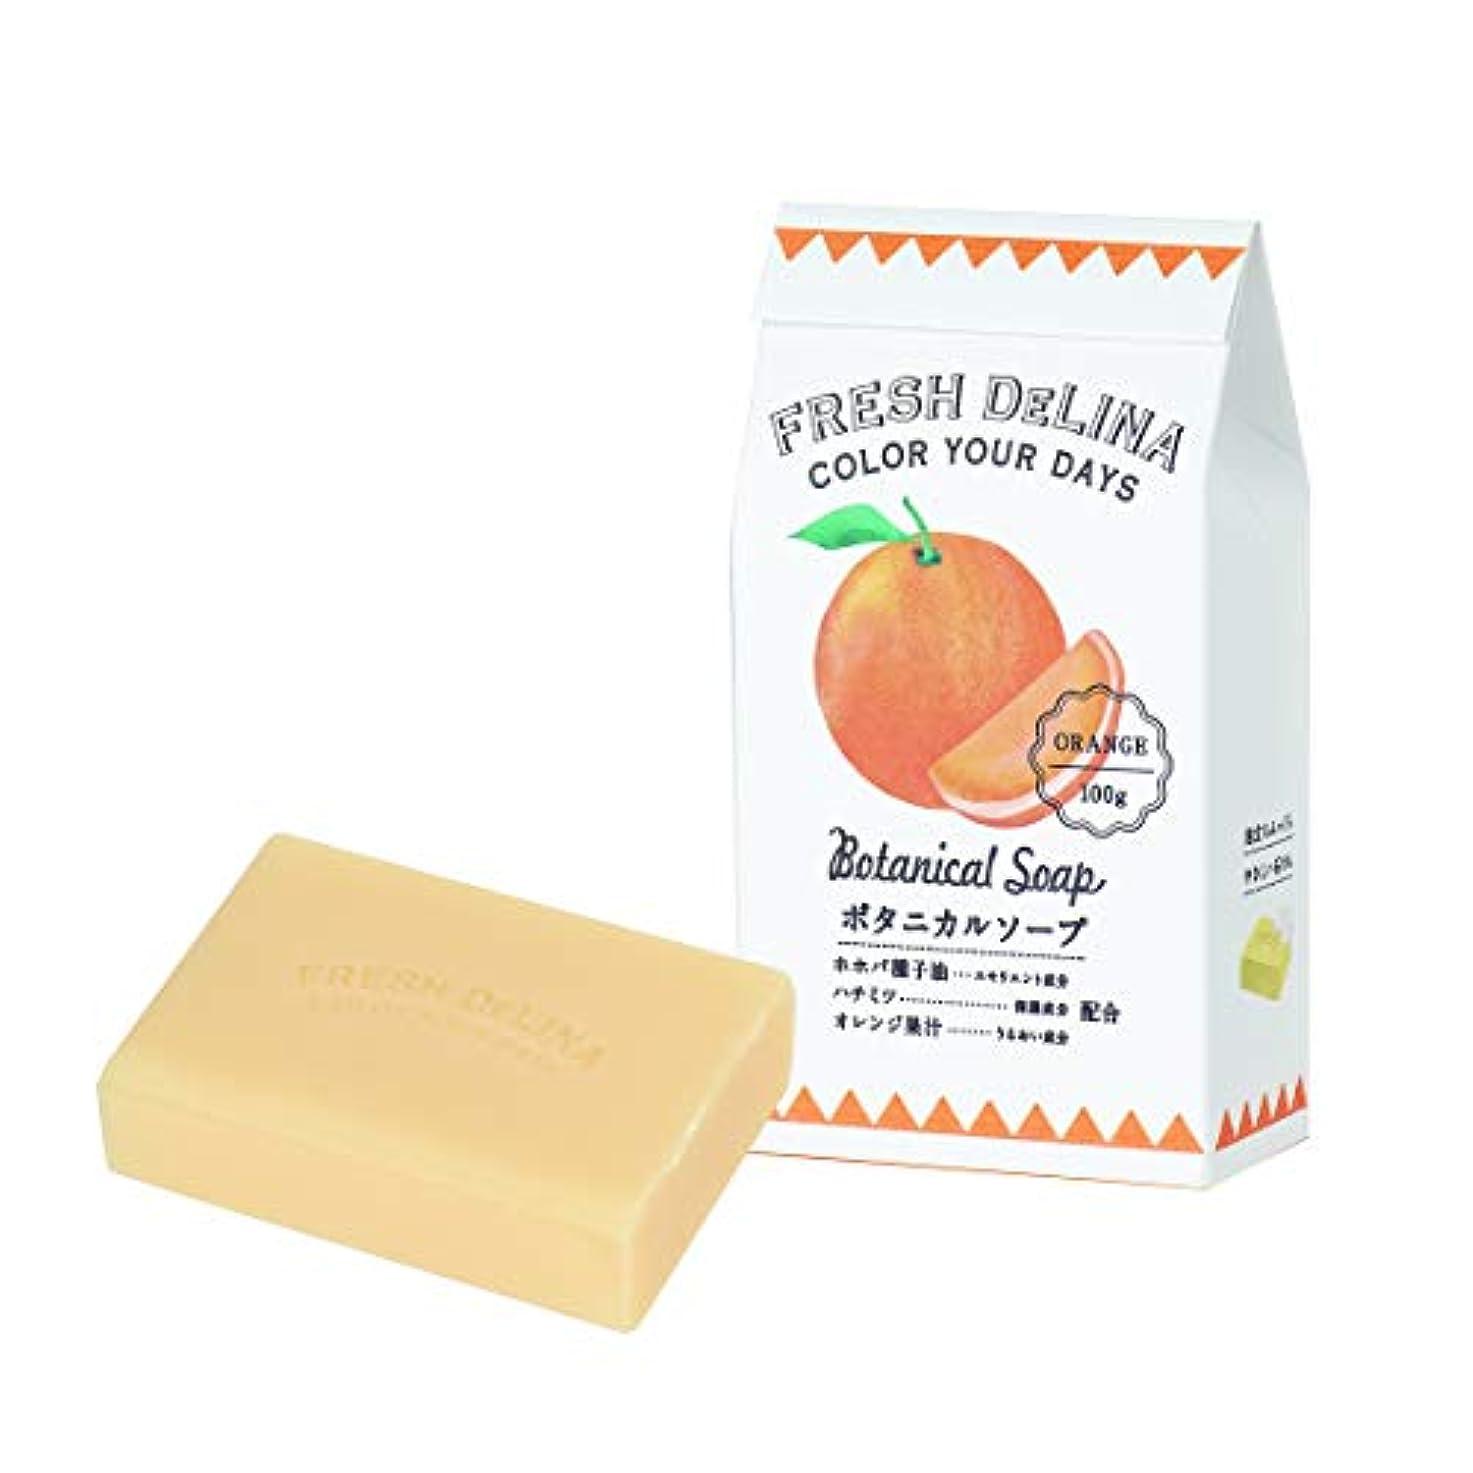 排除禁止する奇妙なフレッシュデリーナ ボタニカルソープ オレンジ 100g